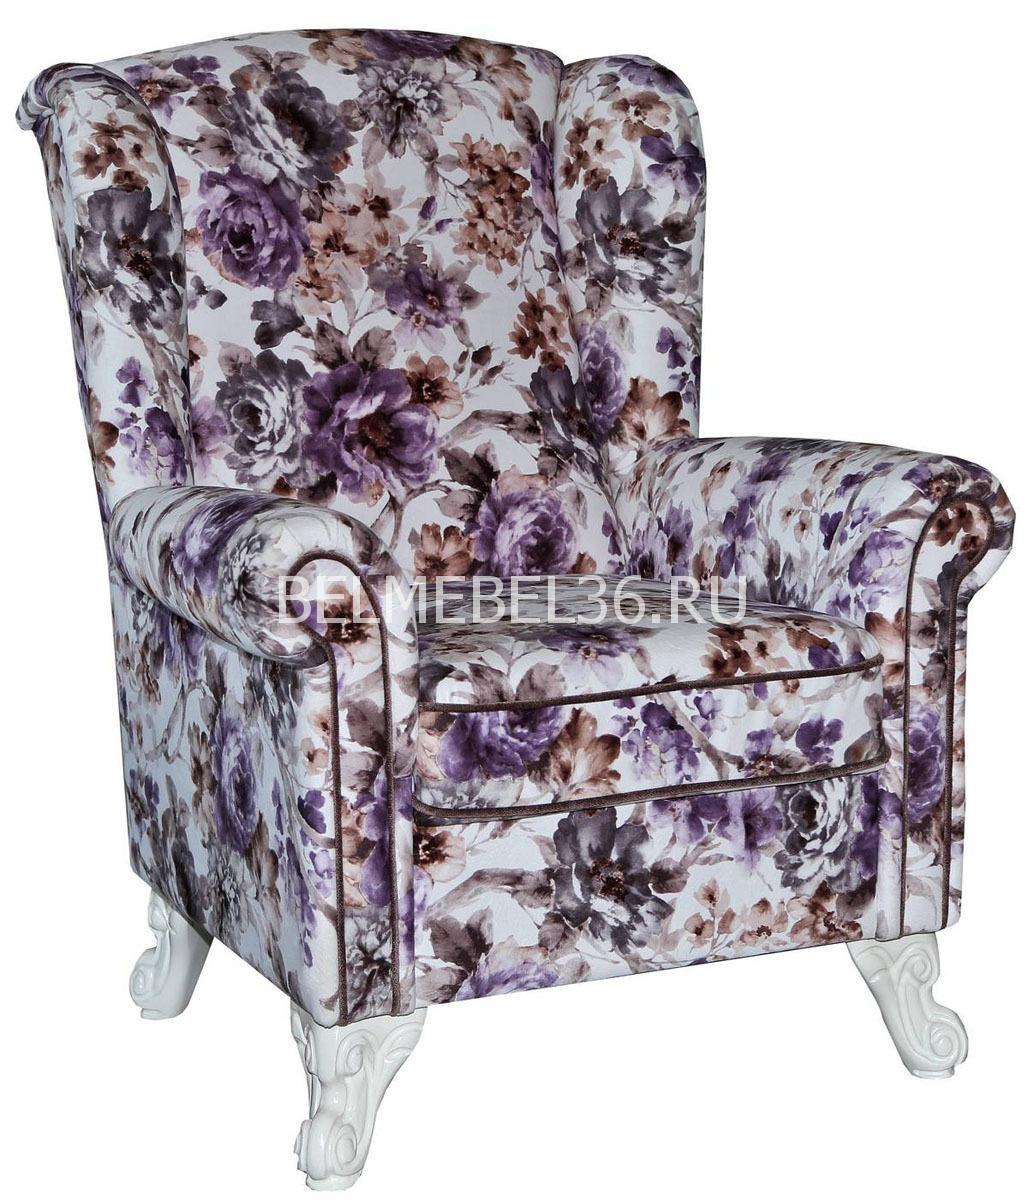 Кресло Николь (12) П-Д025 | Белорусская мебель в Воронеже